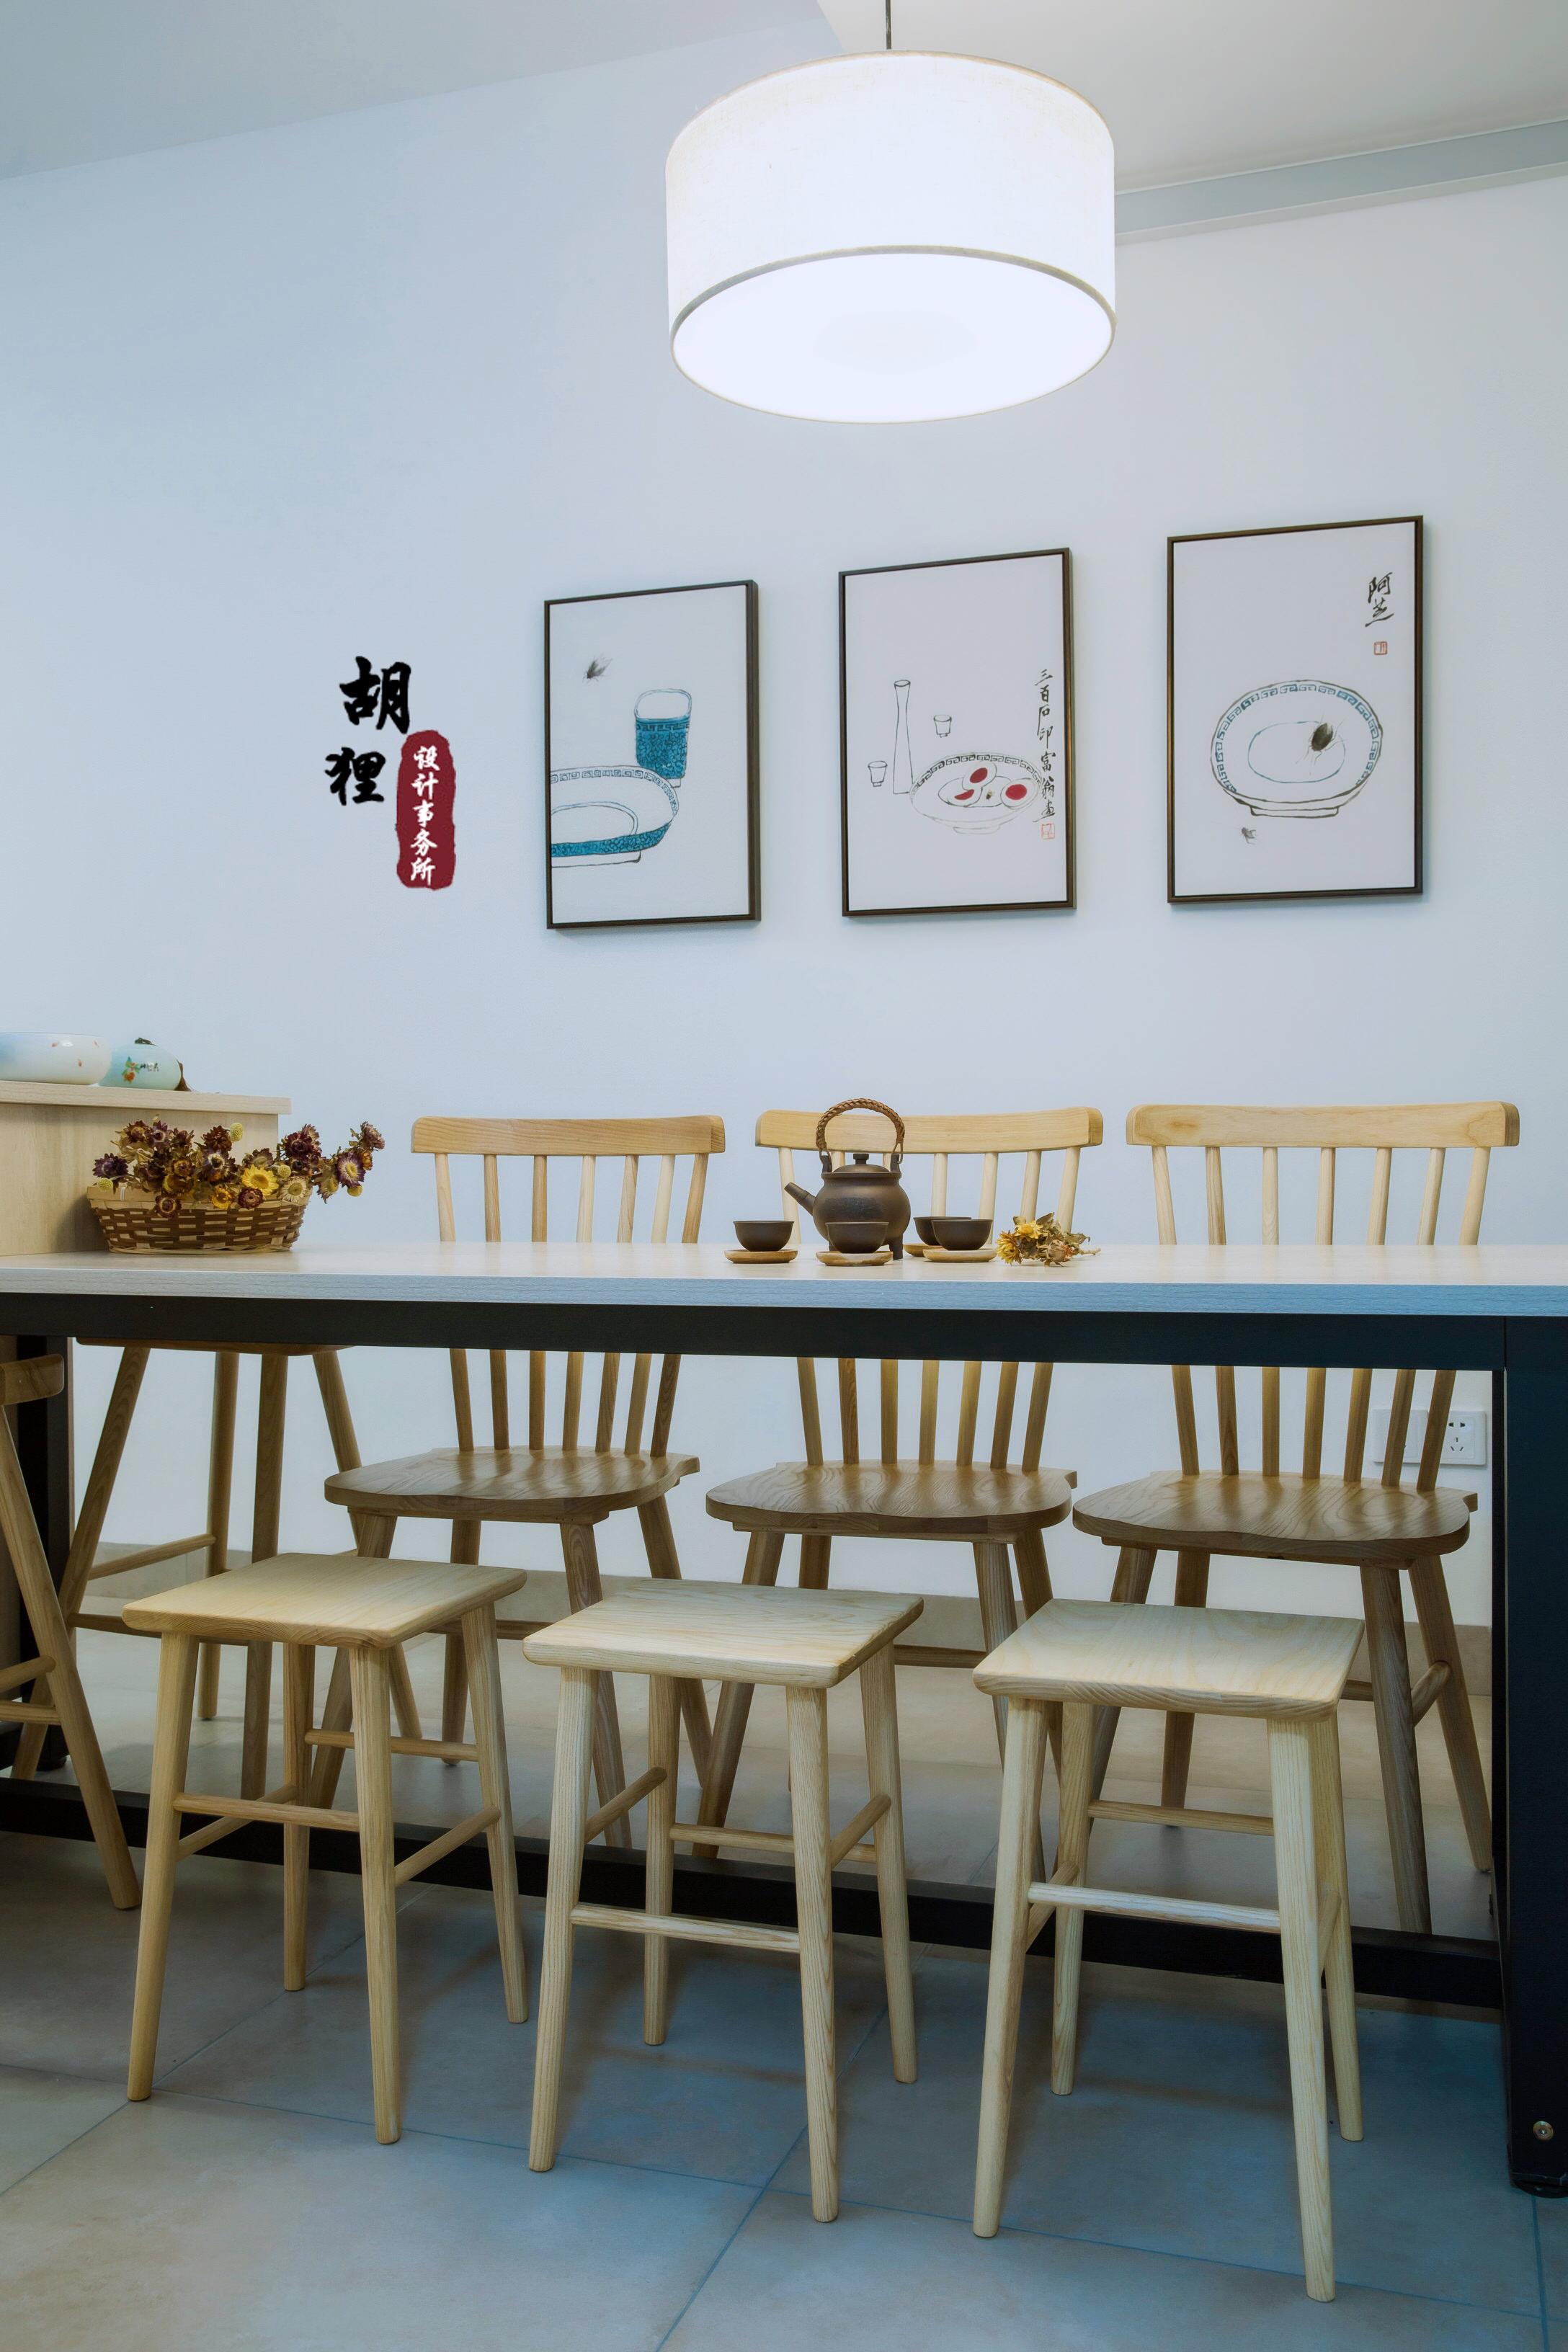 江南风 餐厅图片来自设计师胡狸在此心安处的分享